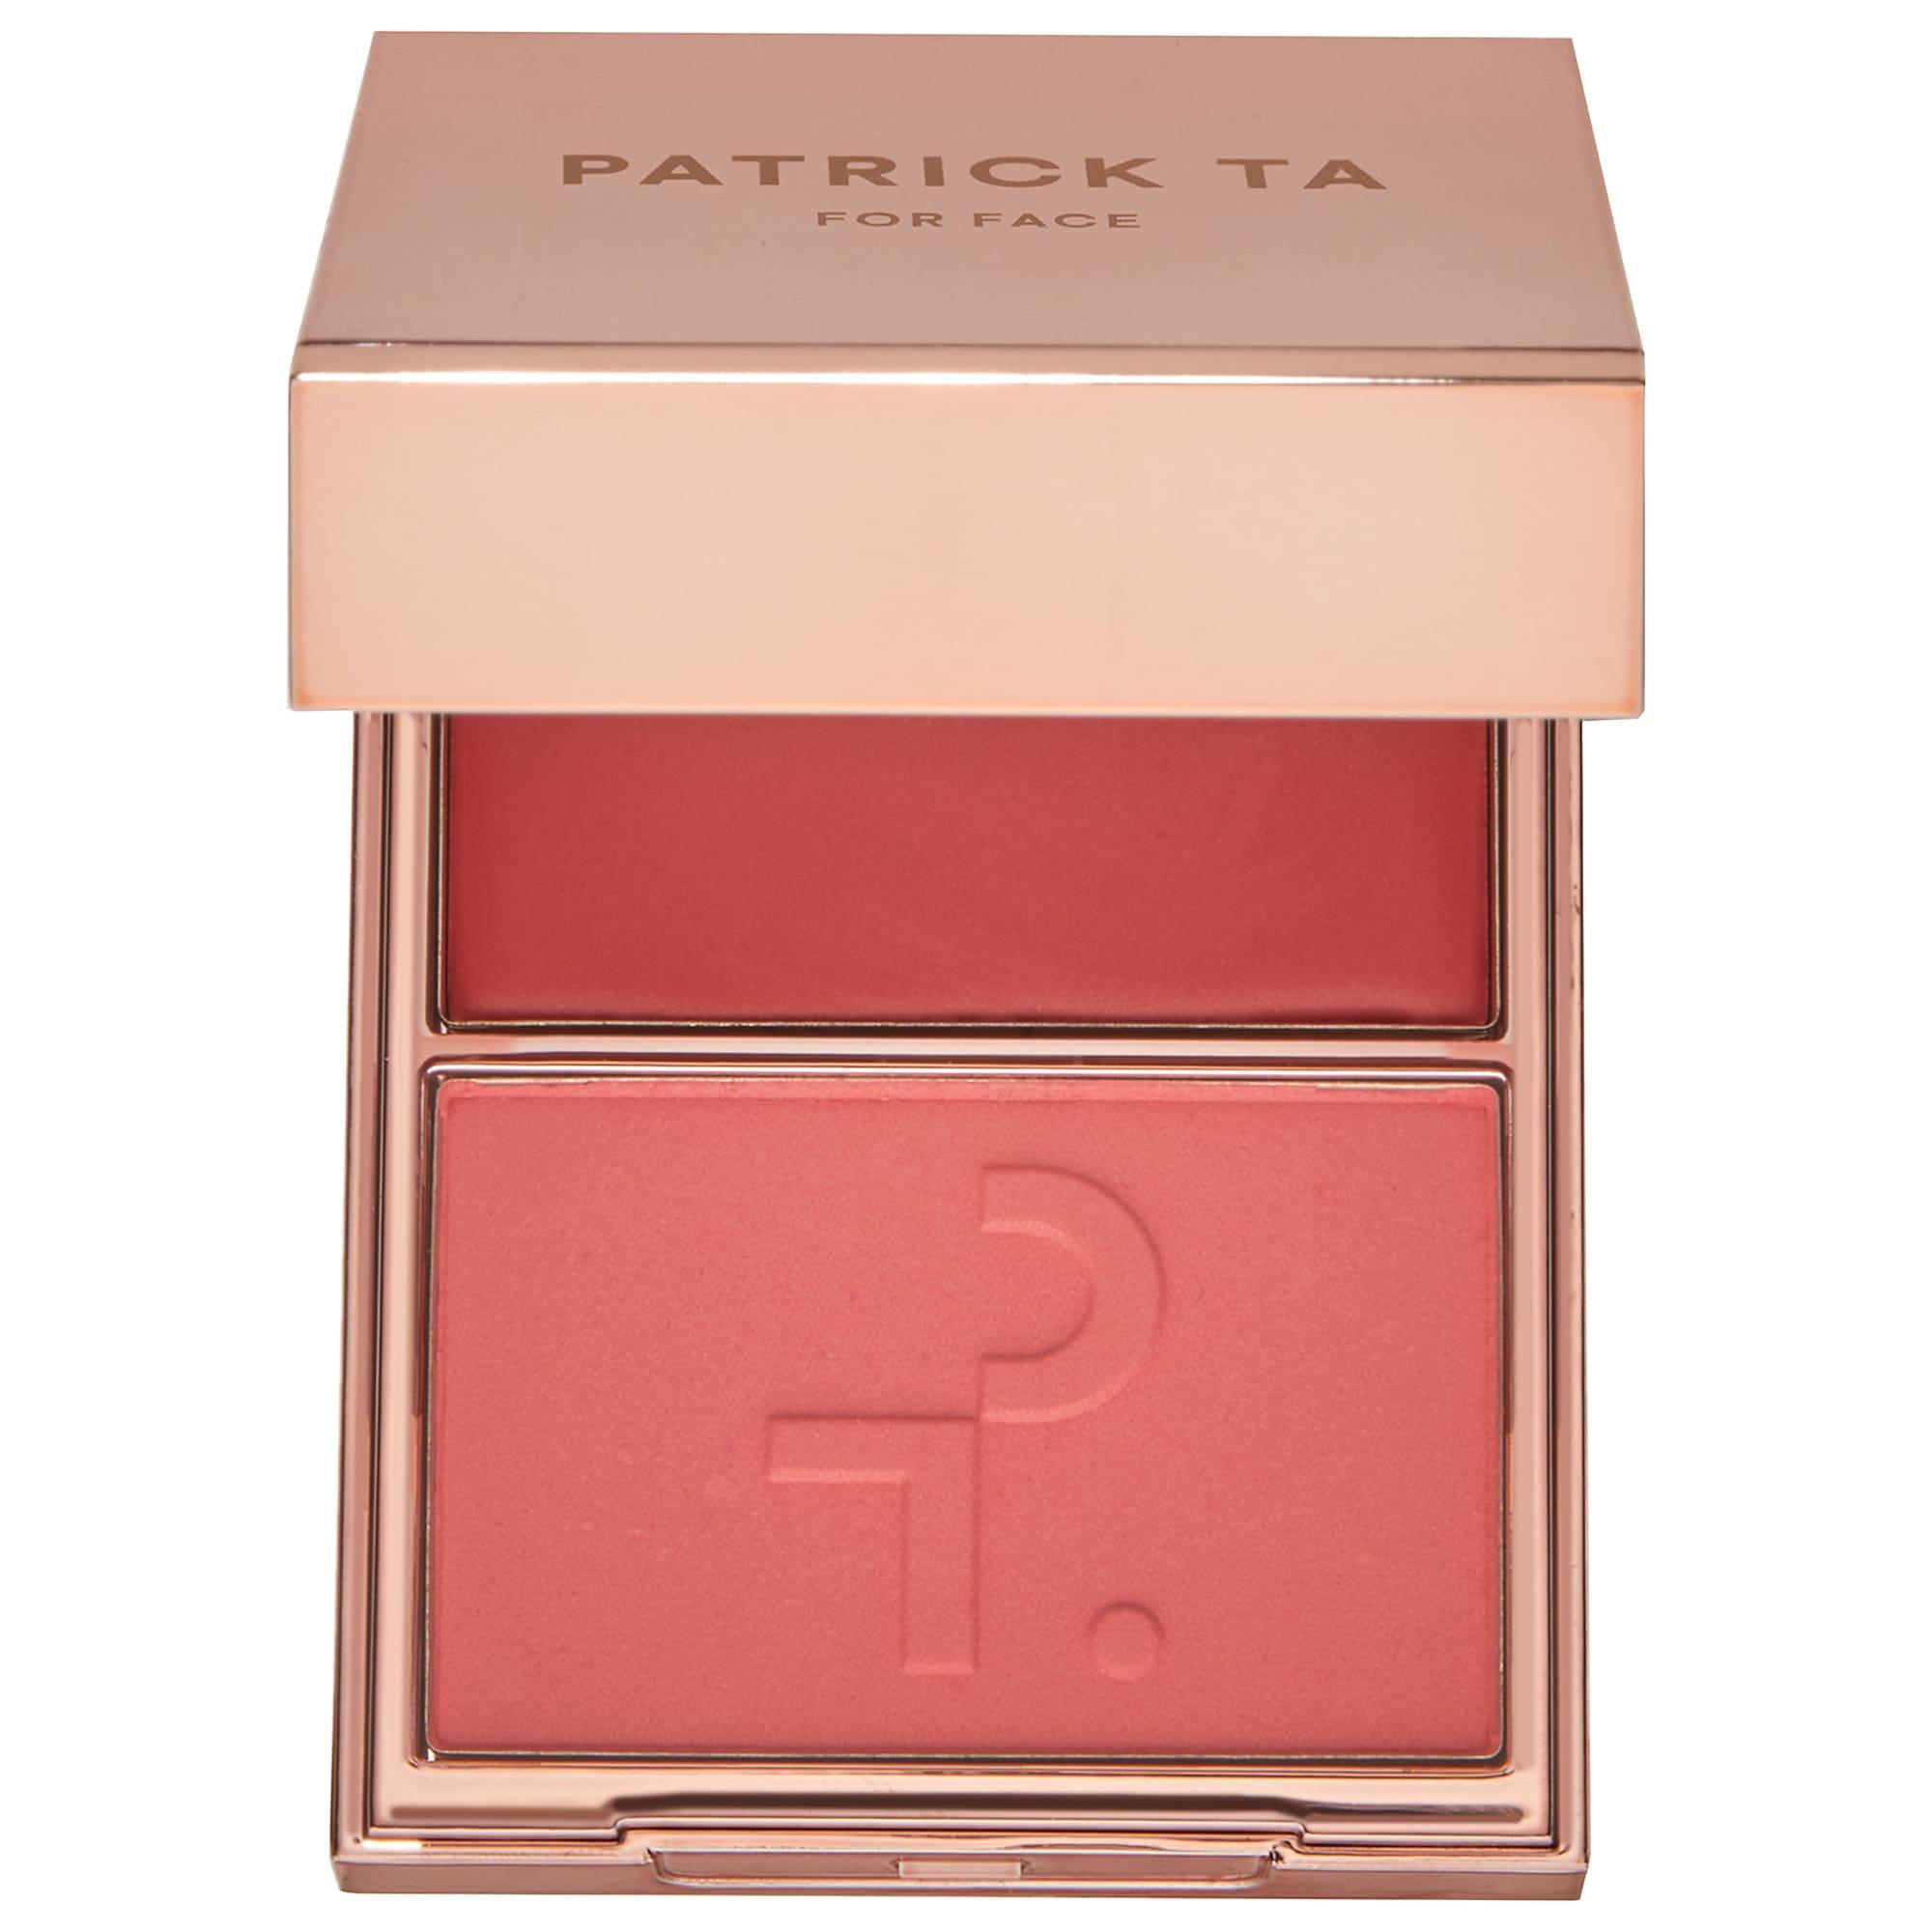 Patrick Ta - Major Beauty Headlines - Double-Take Crème & Powder Blush